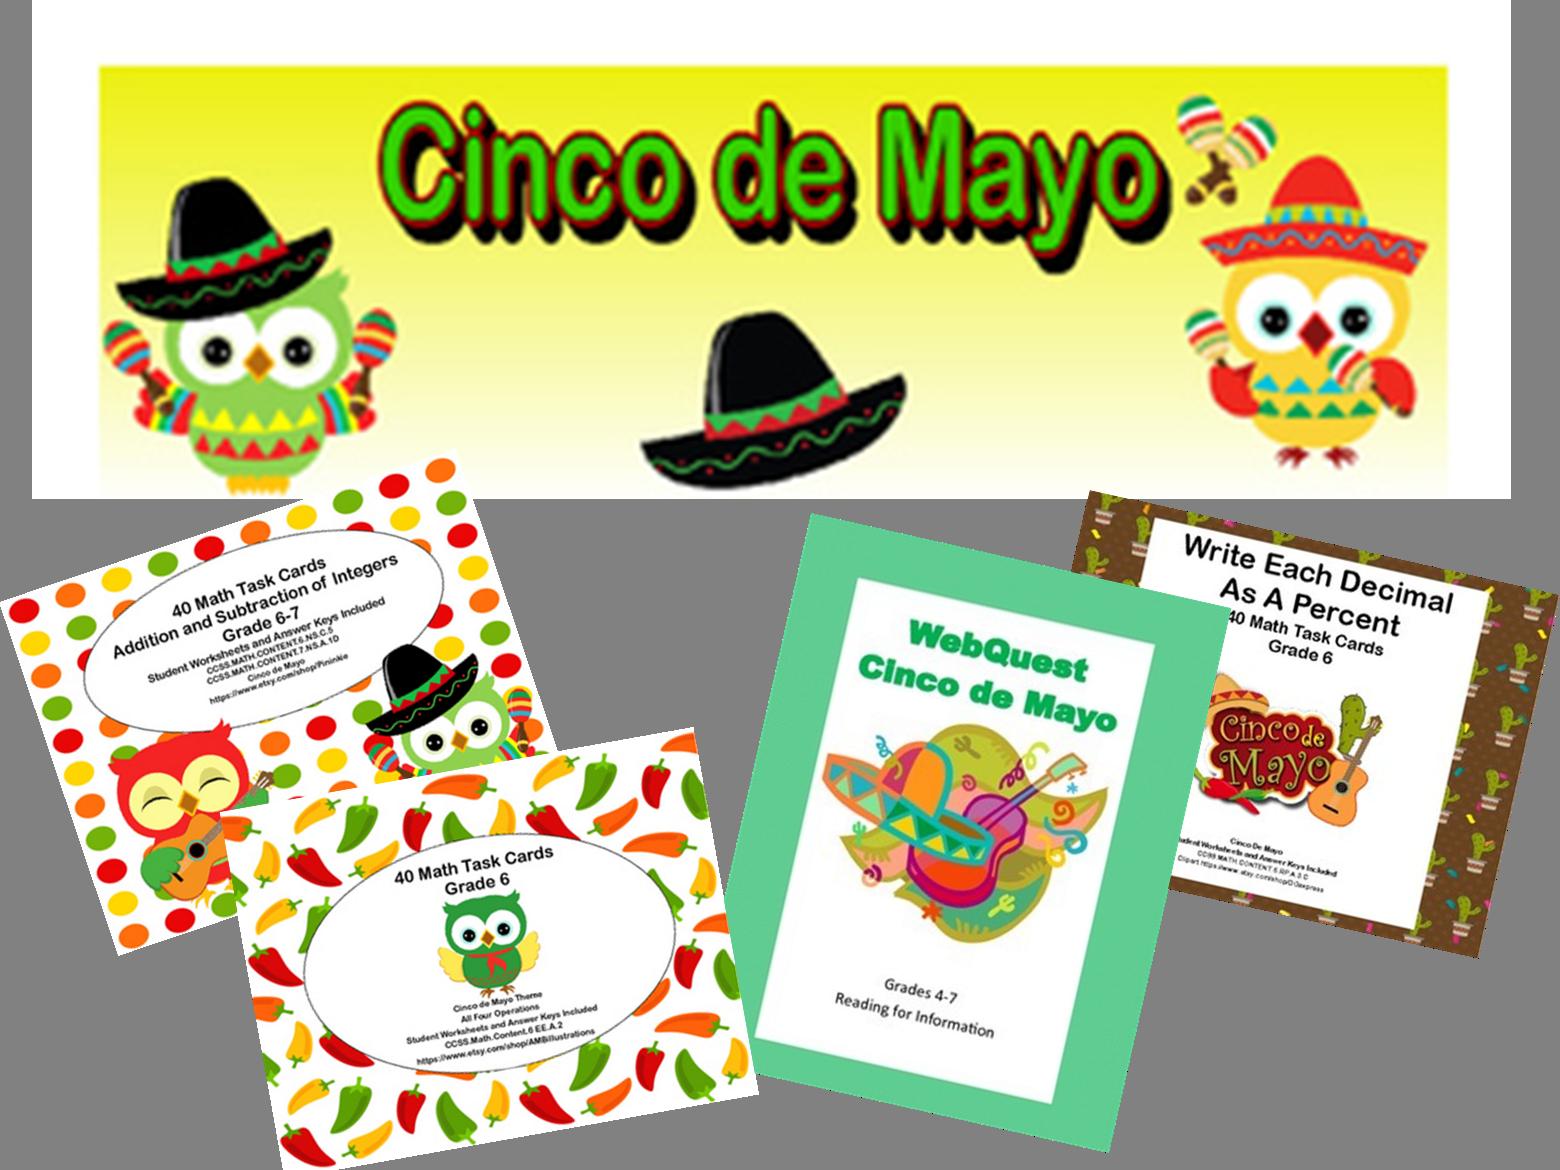 Sixth Graders Celebrate Cinco de Mayo